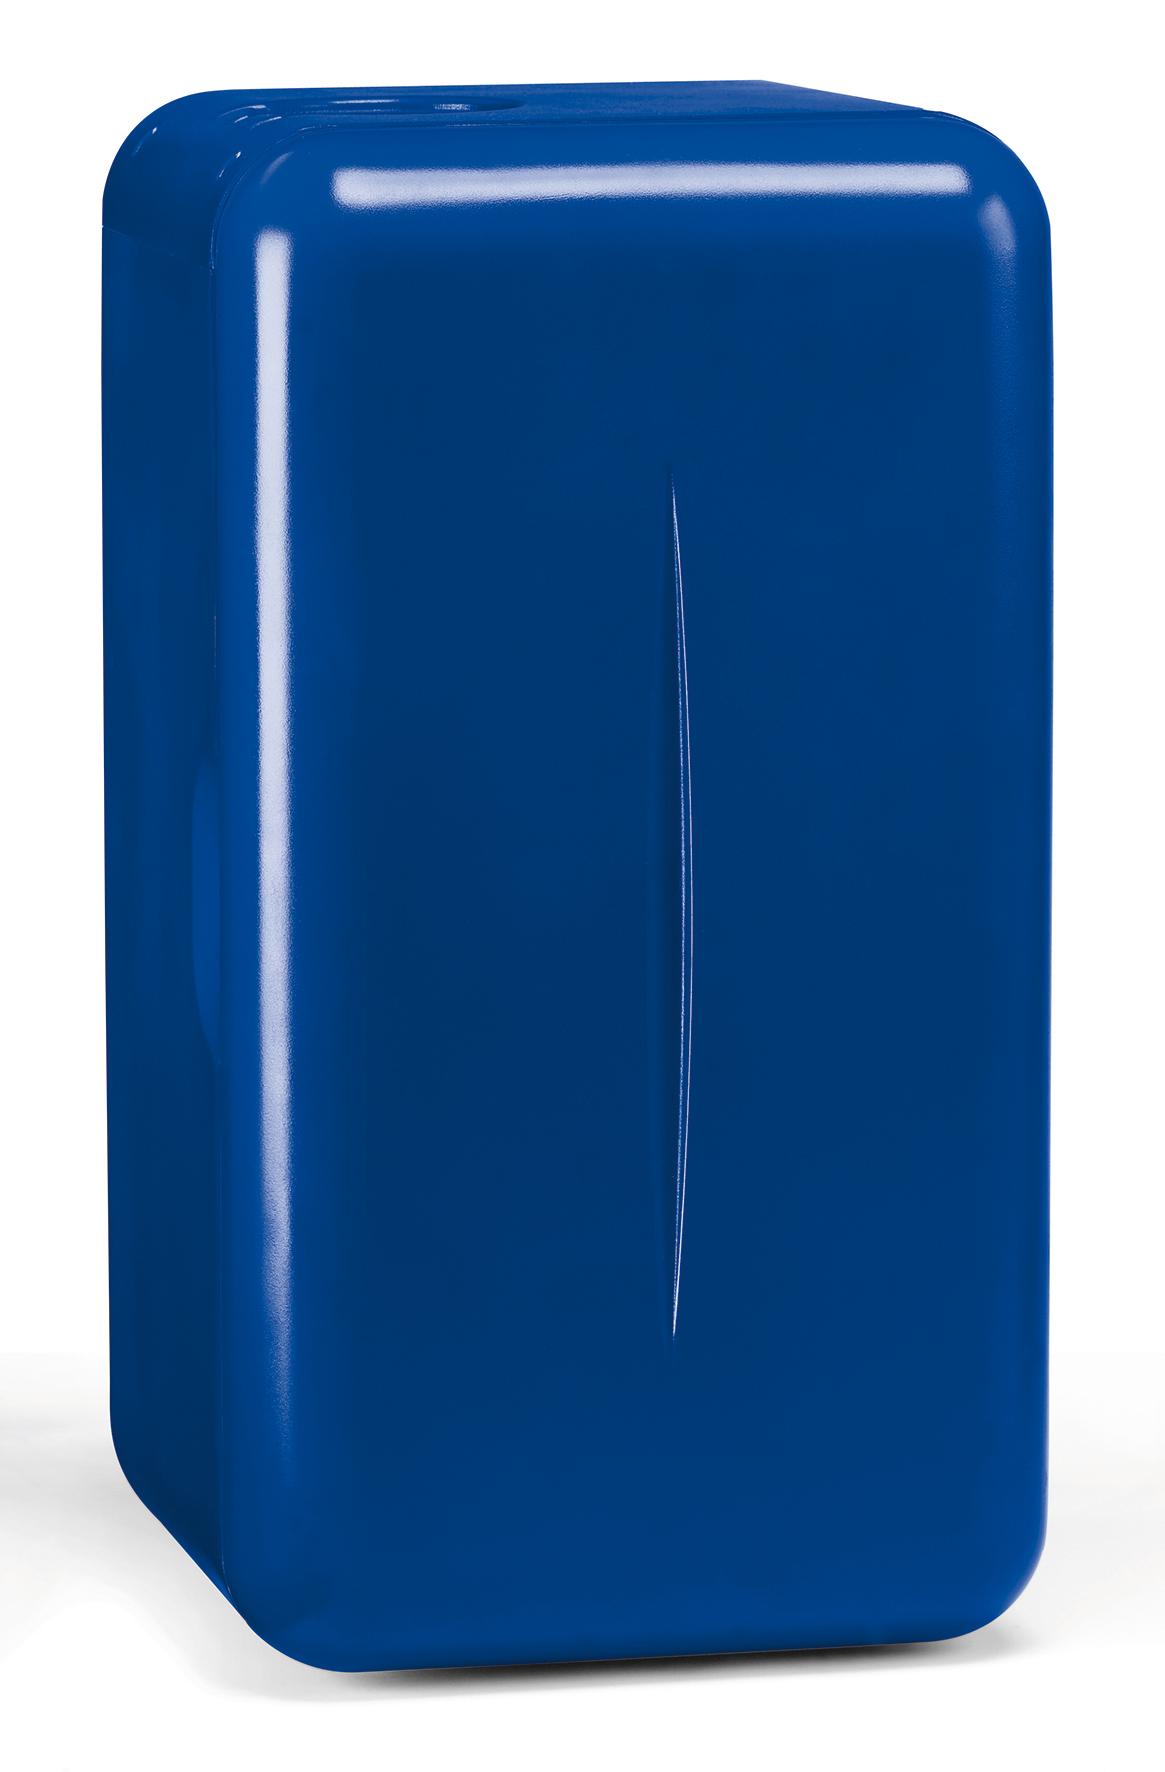 015 L Mobicool F16 Thermoelektrischer Mini-Kühlschrank, dunkelblau ...